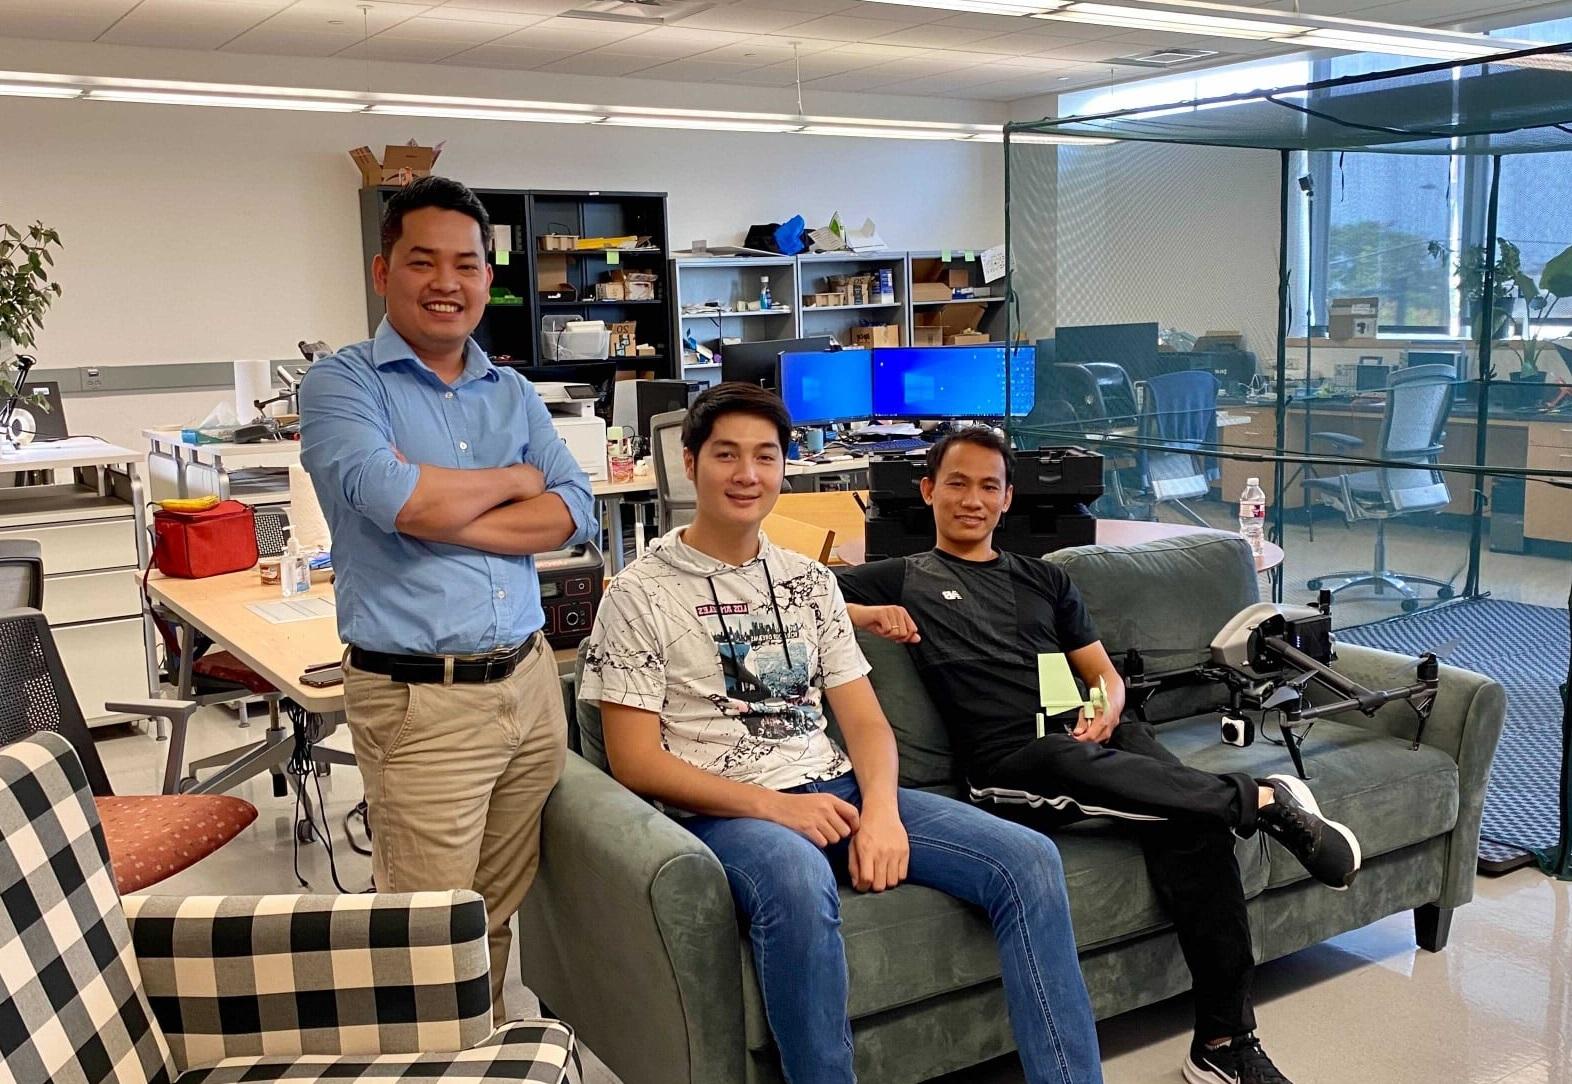 TS. Nguyễn Văn Phúc (trái) và 2 bạn trẻ người Việt là nghiên cứu sinh tại phòng thí nghiệm WSSLAB  của Đại học Texas ở Arlington. Họ đang cùng nghiên cứu về thiết bị đeo tai theo dõi bệnh nhân động kinh   Ảnh: NVCC